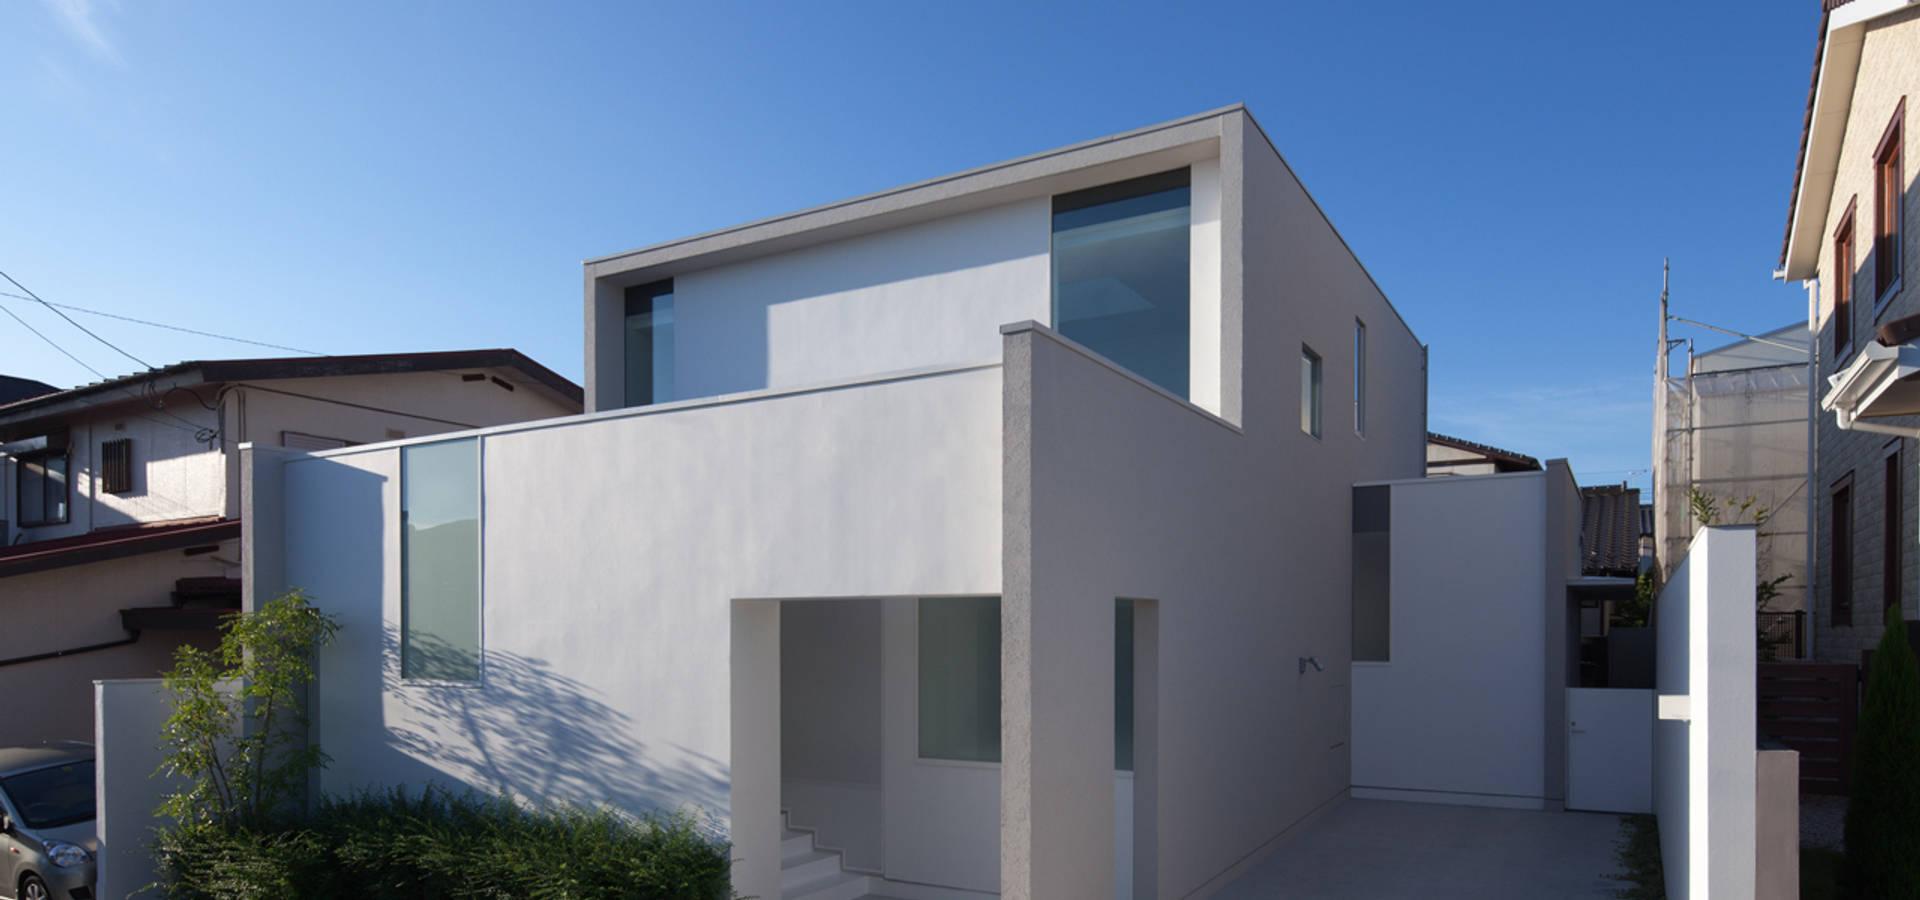 ソルト建築設計事務所